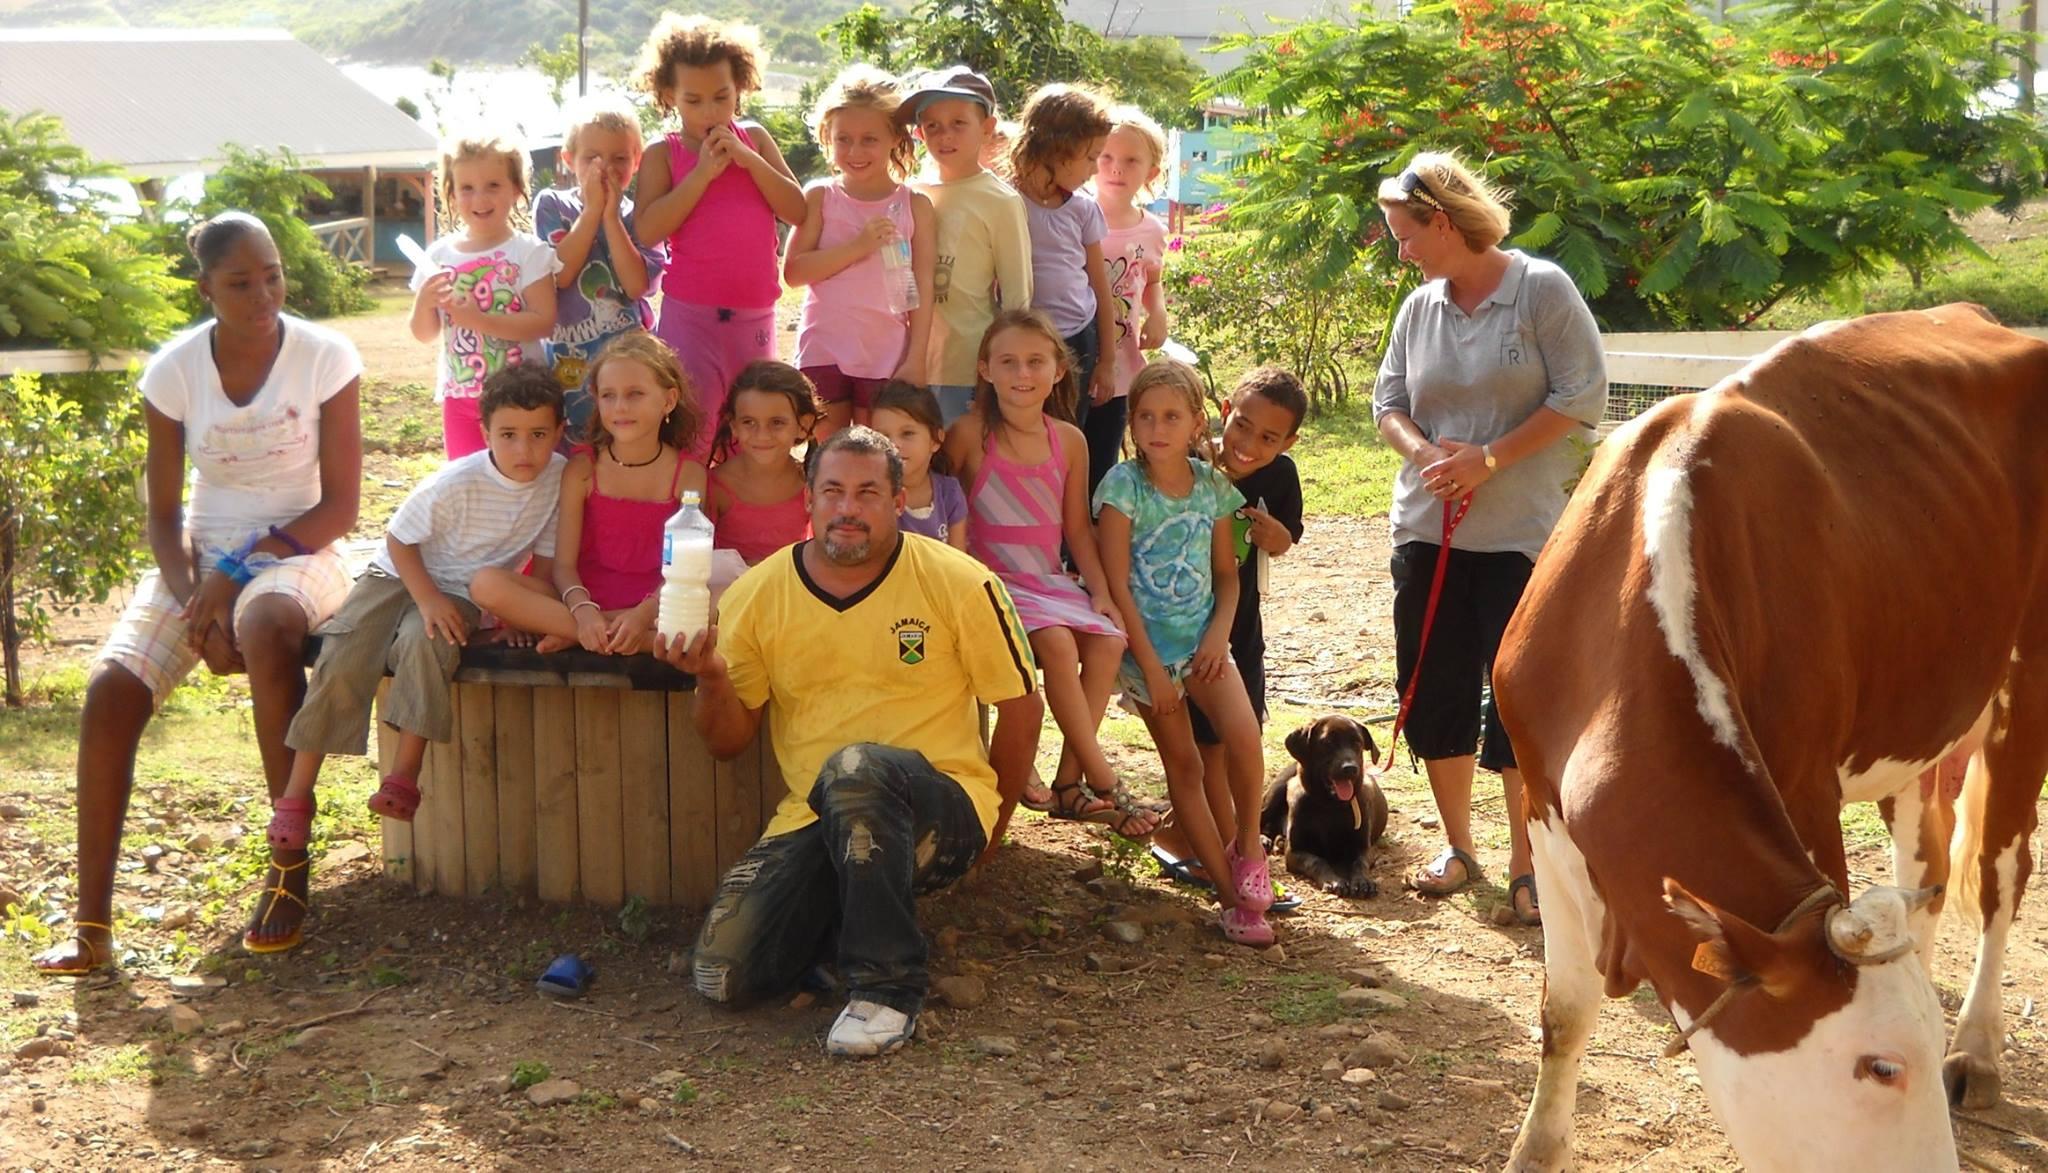 kids at pet farm